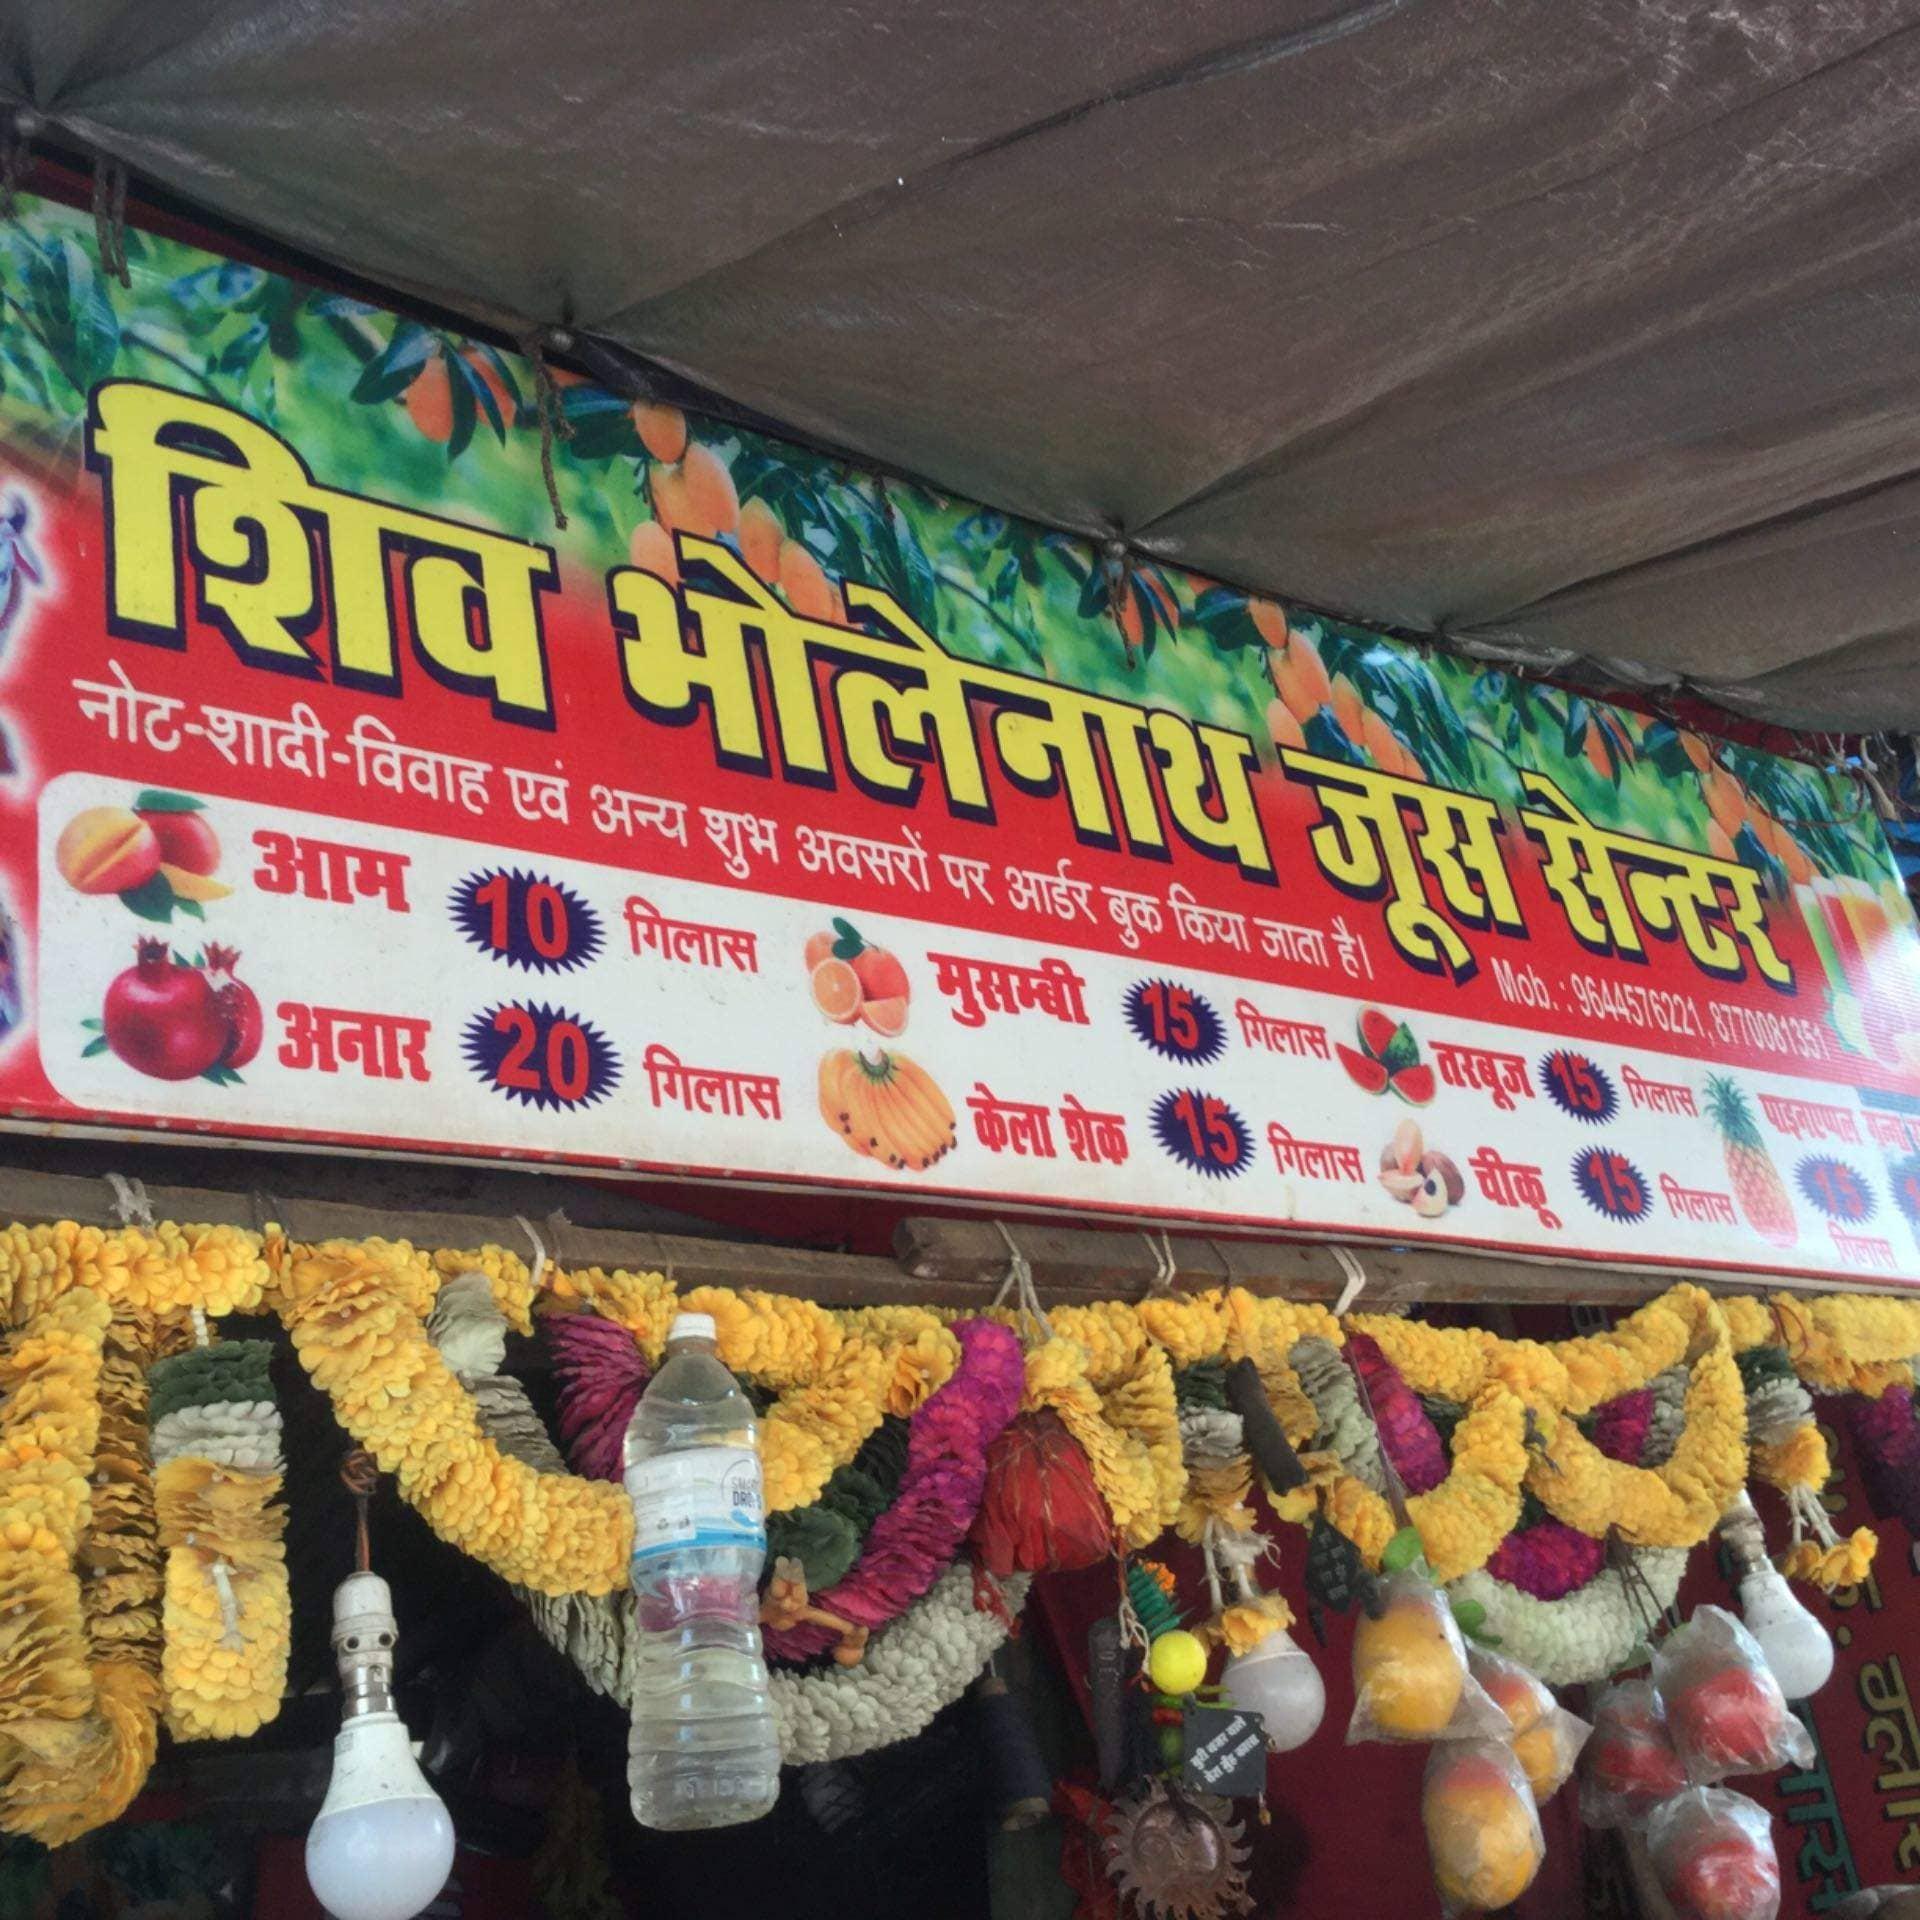 Top 20 Real Fruit Juice Retailers in Chhoti Gwaltoli - Best Real